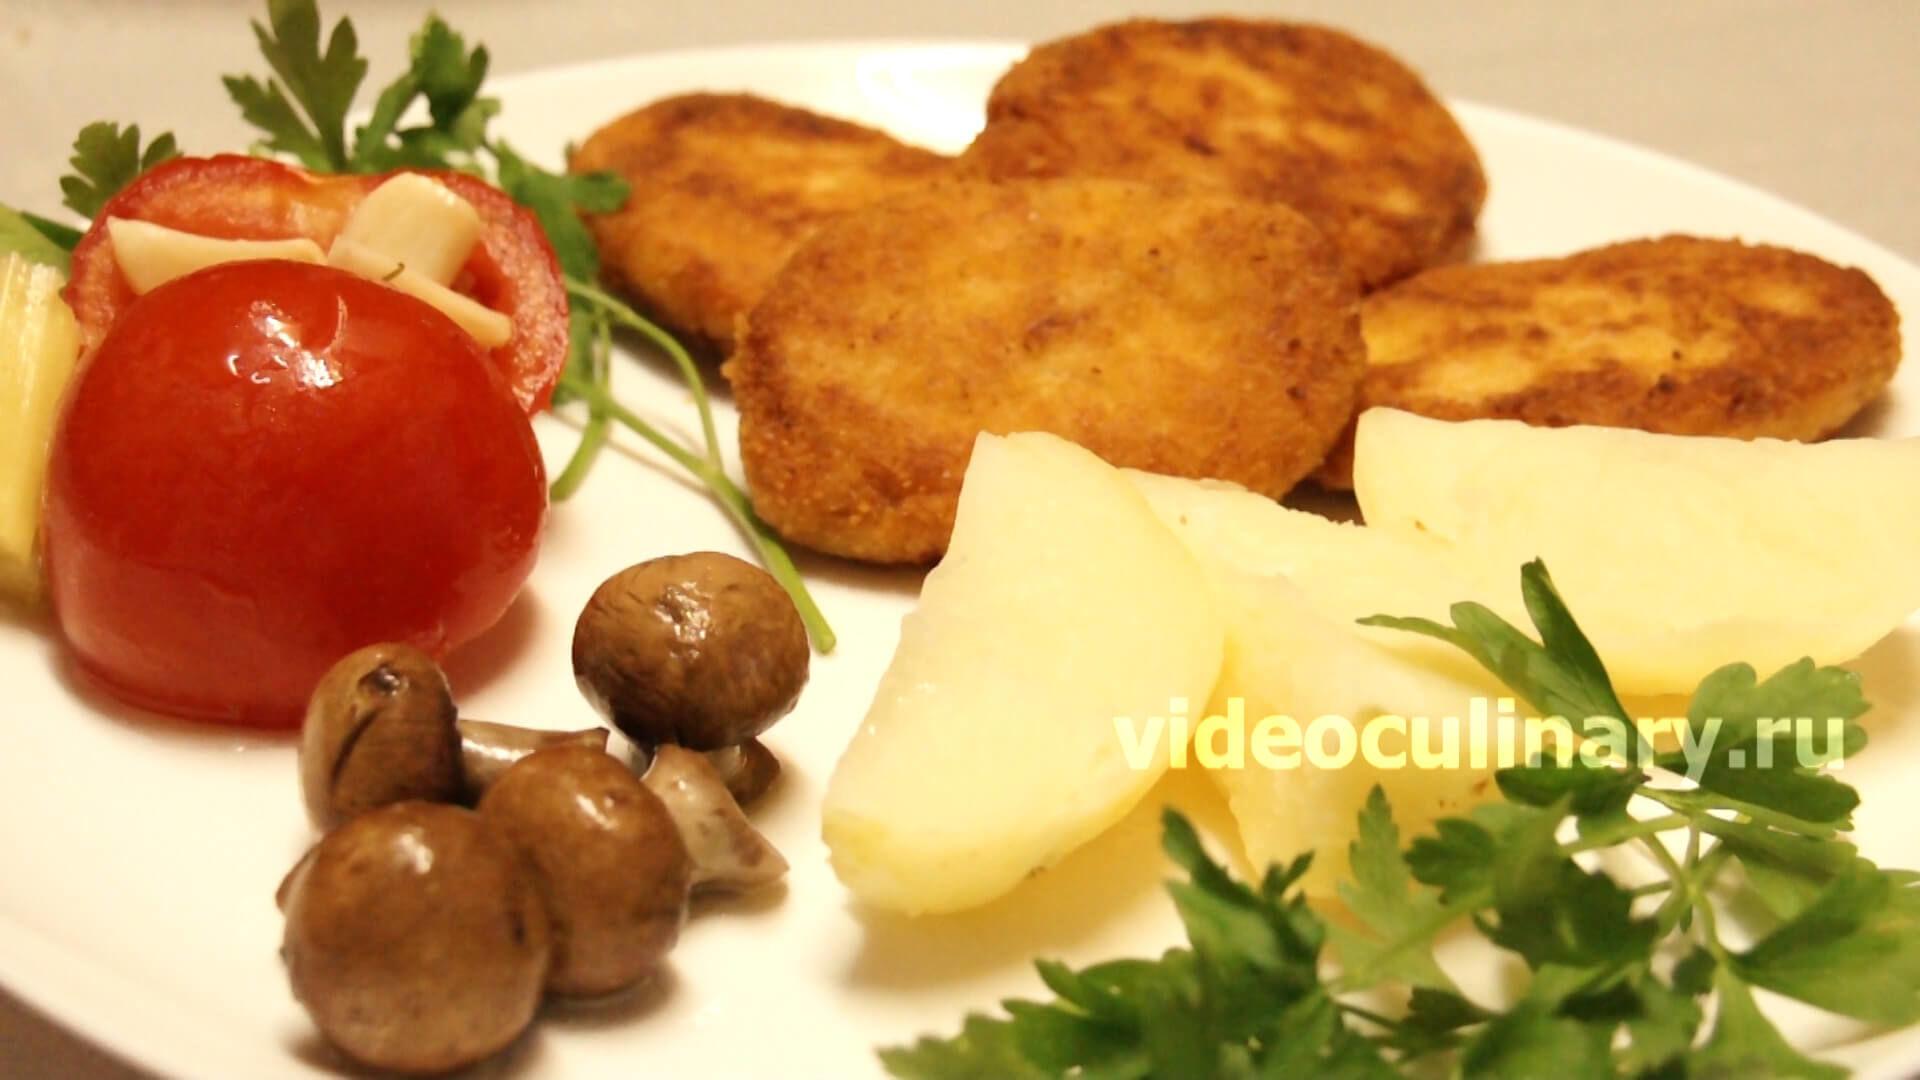 рецепты вкусных рыбных котлет из сазана